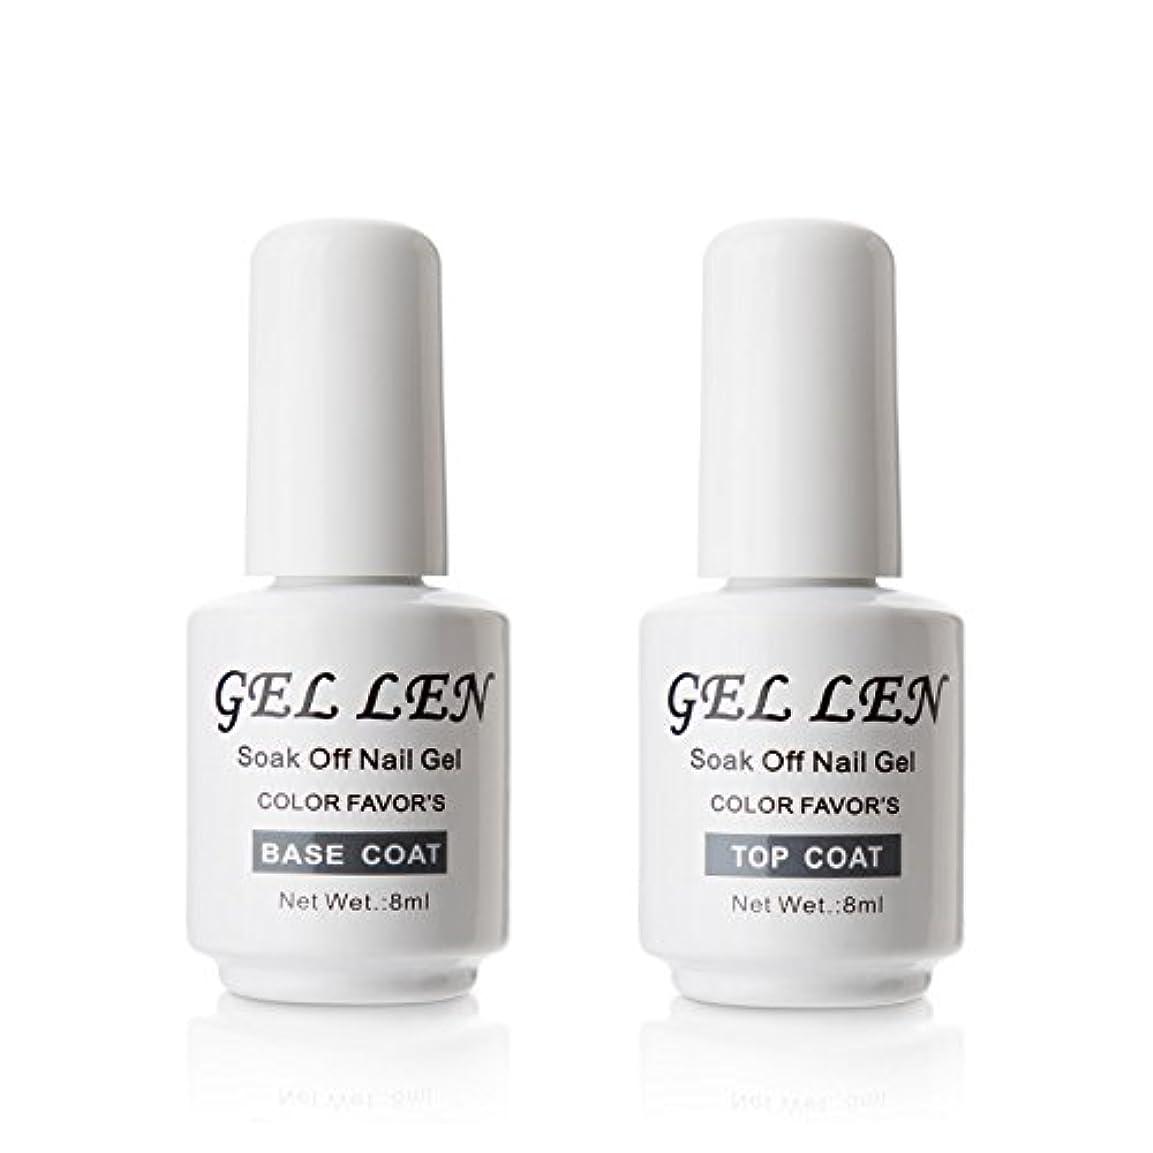 機転トレッドお風呂Gellen ジェルネイル UV LED ベースコート&トップコート セット 8ml